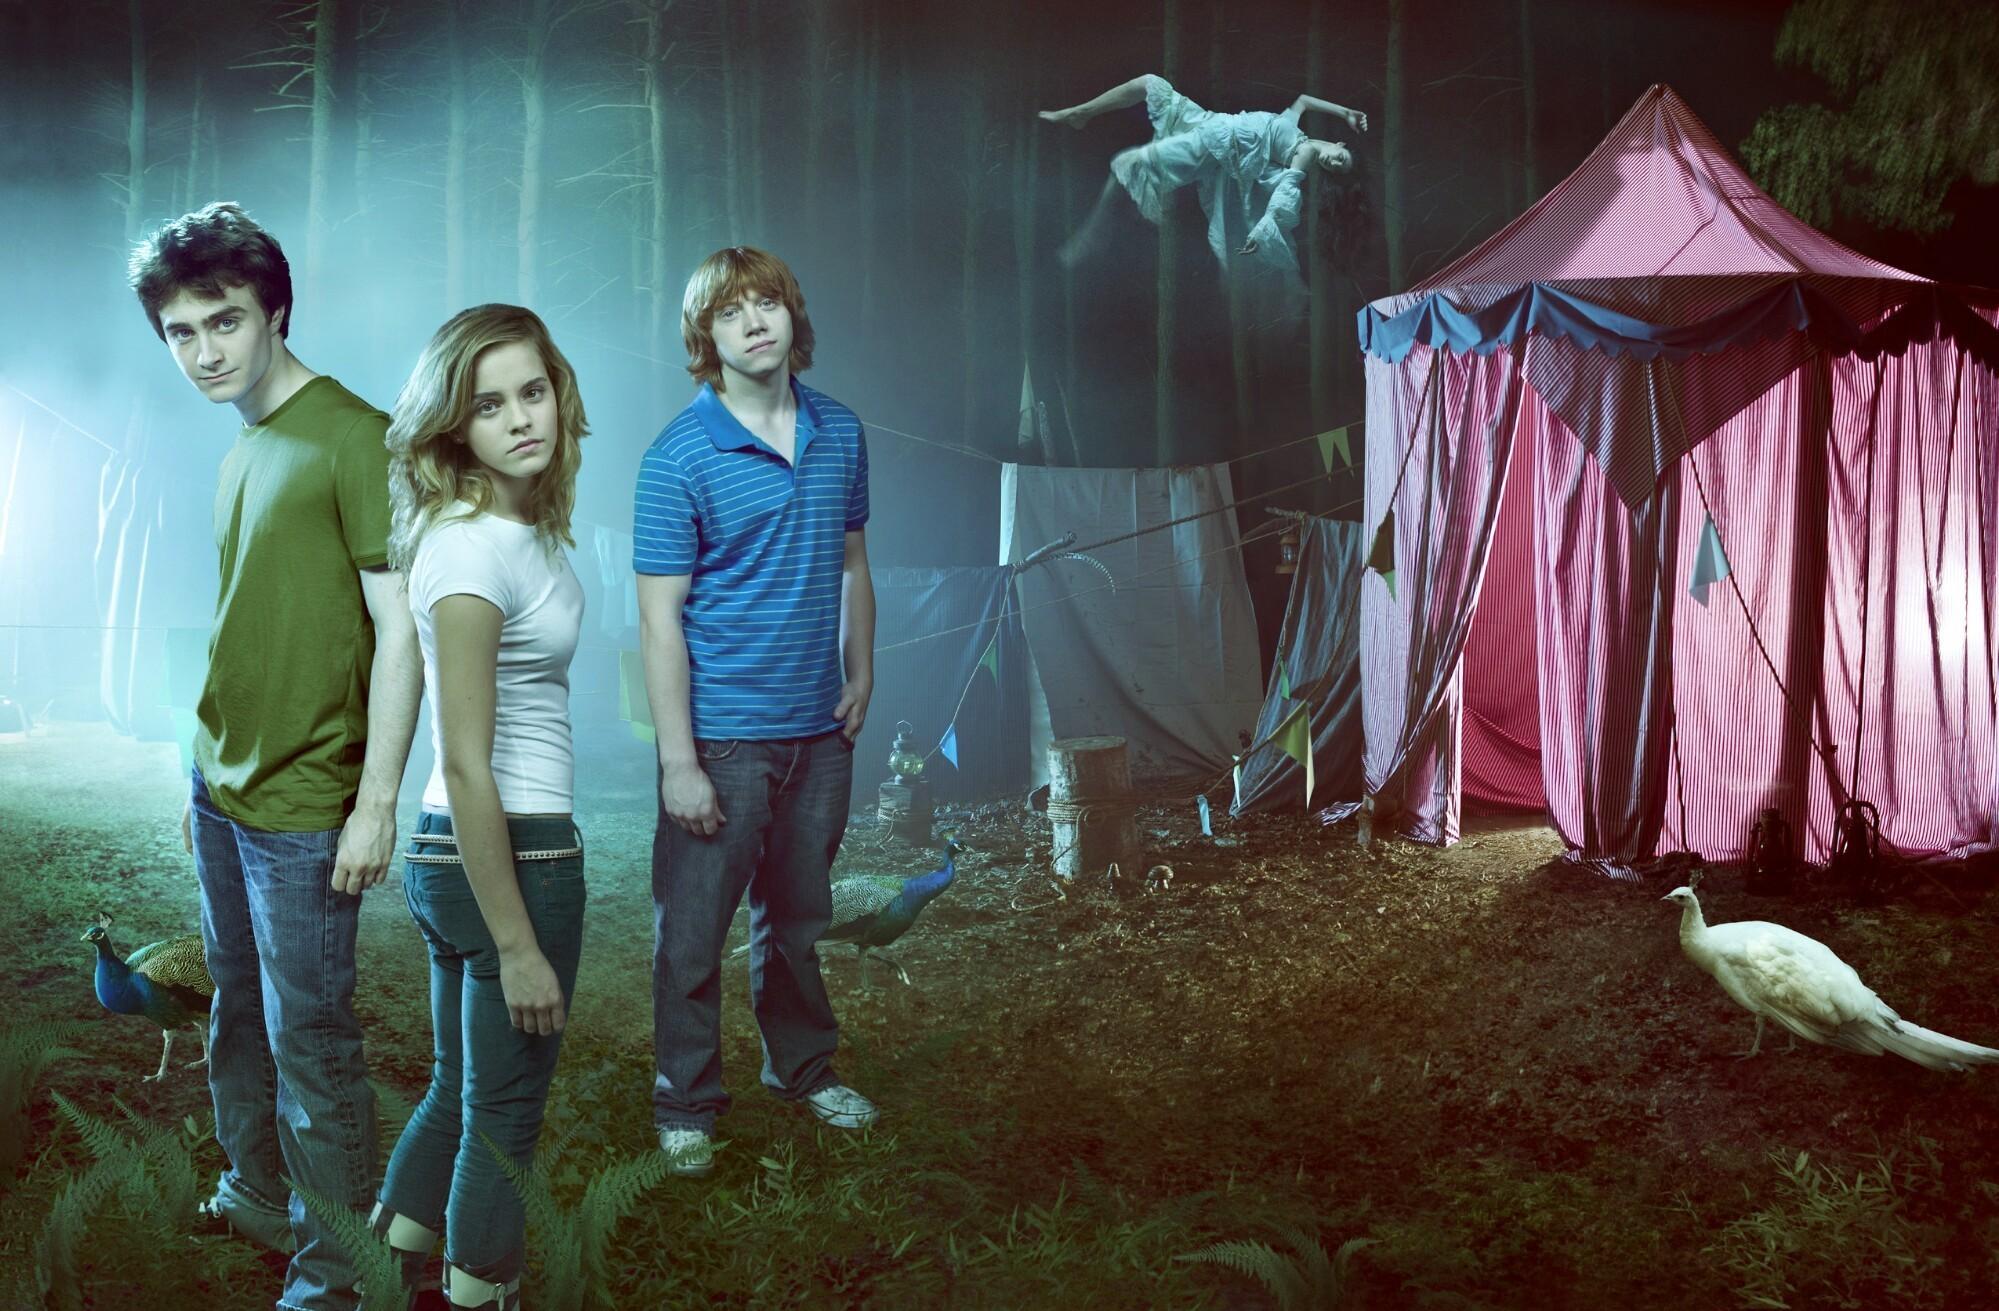 Emma Watson - Photoshoot #021: Entertainment Weekly (2005)